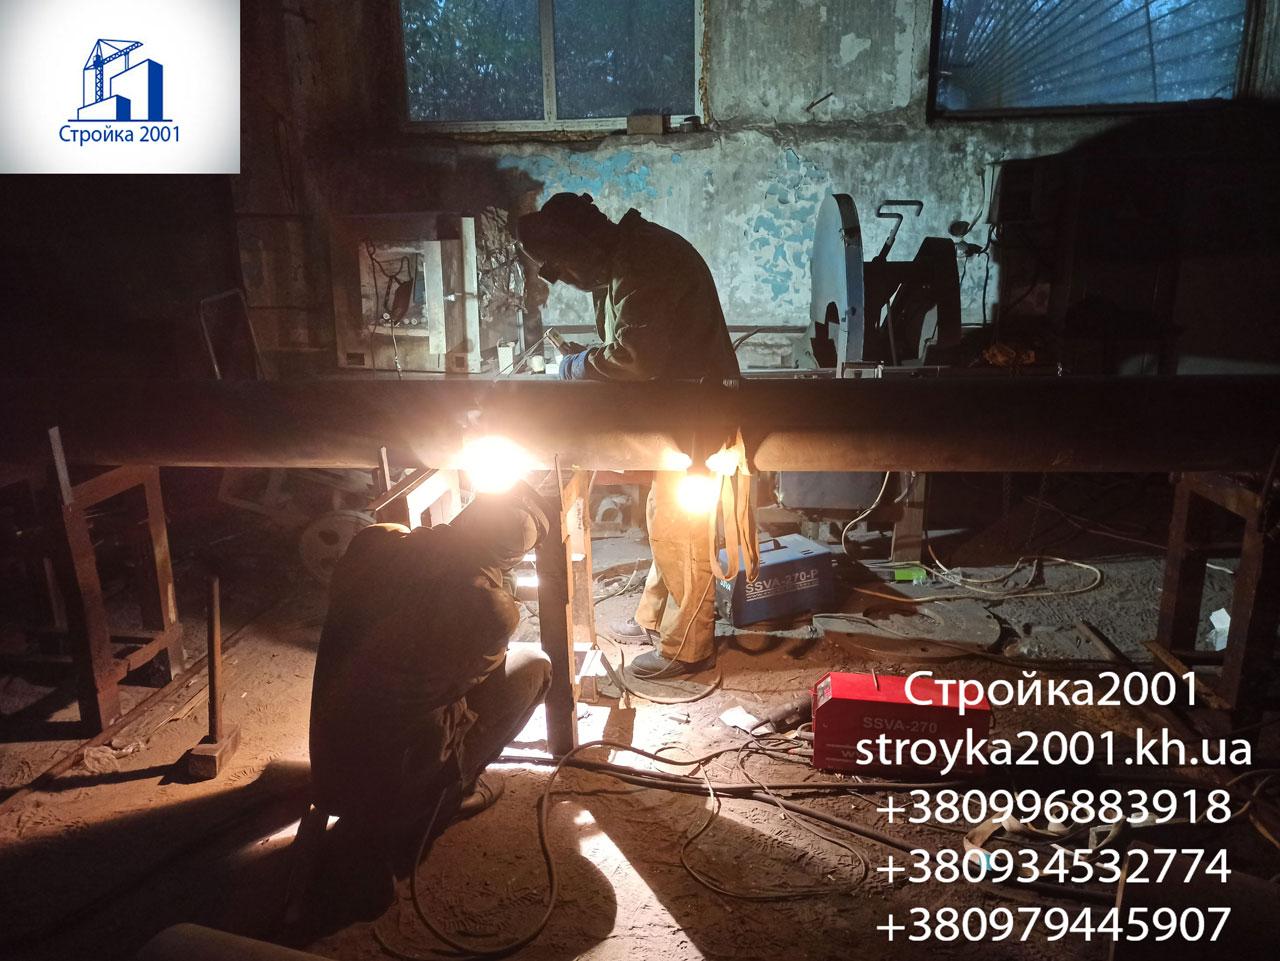 Сварочные работы. Сварочные работы в Харькове